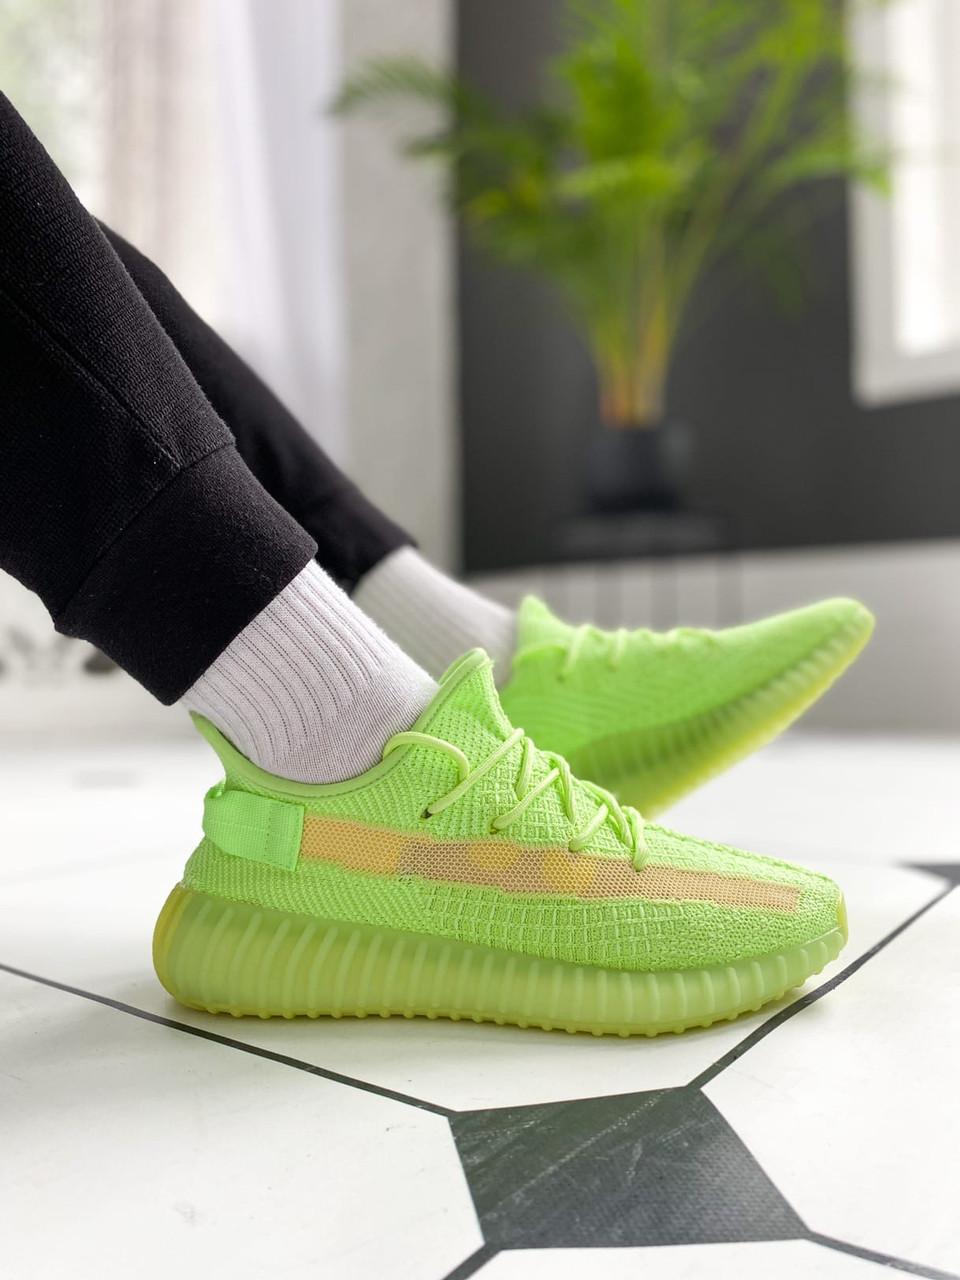 """Стильные кроссовки Adidas Yeezy Boost 350 V2 """"Glow"""""""